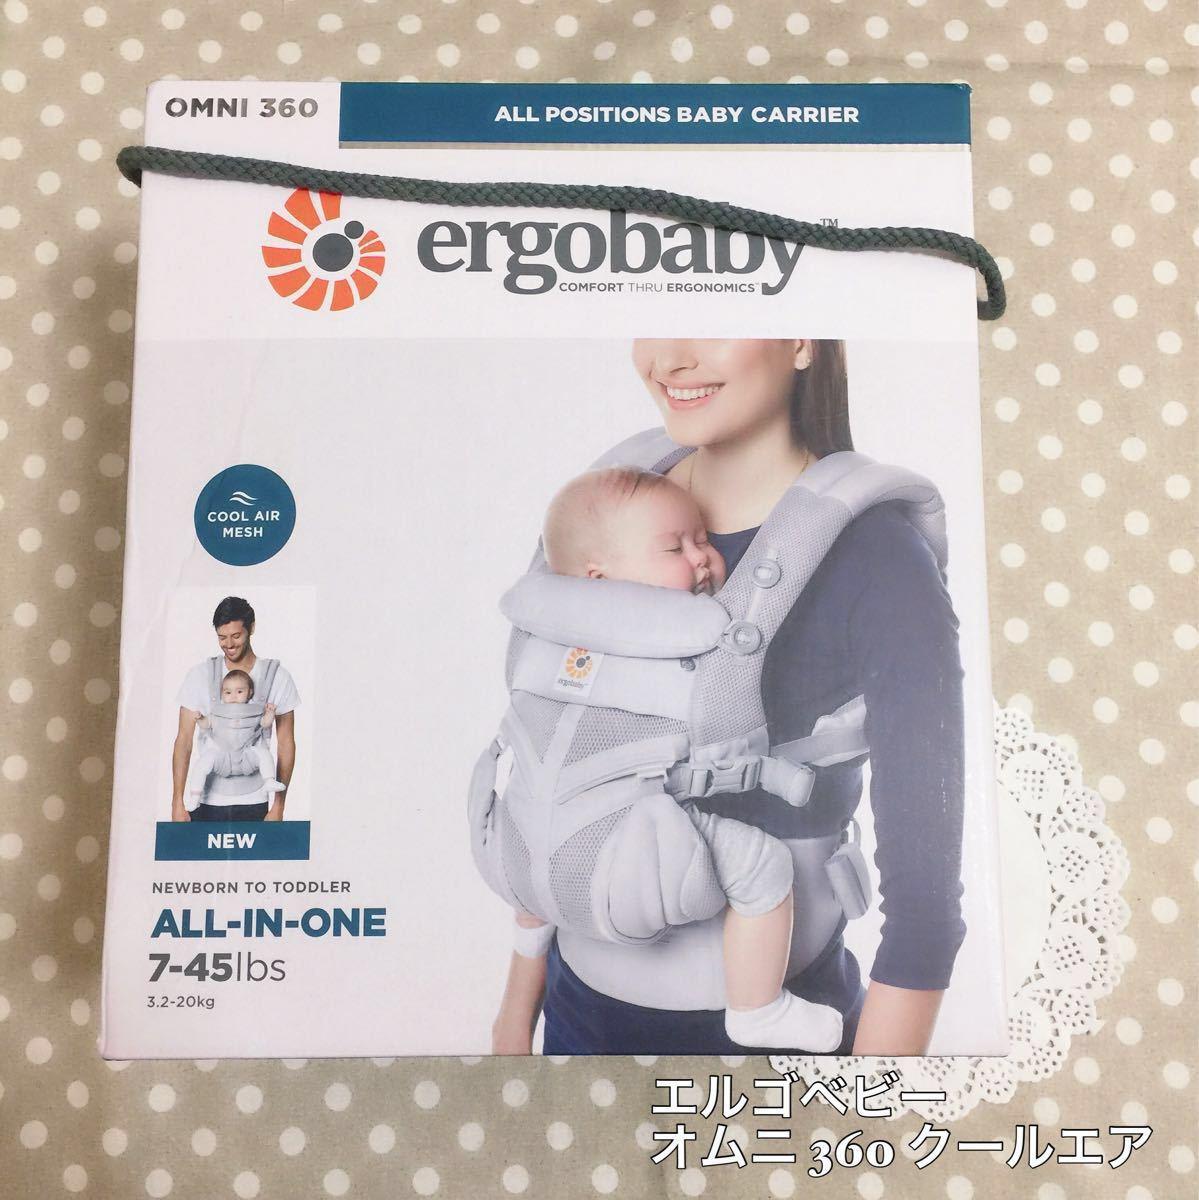 新品 エルゴベビー オムニ 360 クールエア パール グレー 新生児 さんから! 抱っこ紐 出産祝い メッシュ